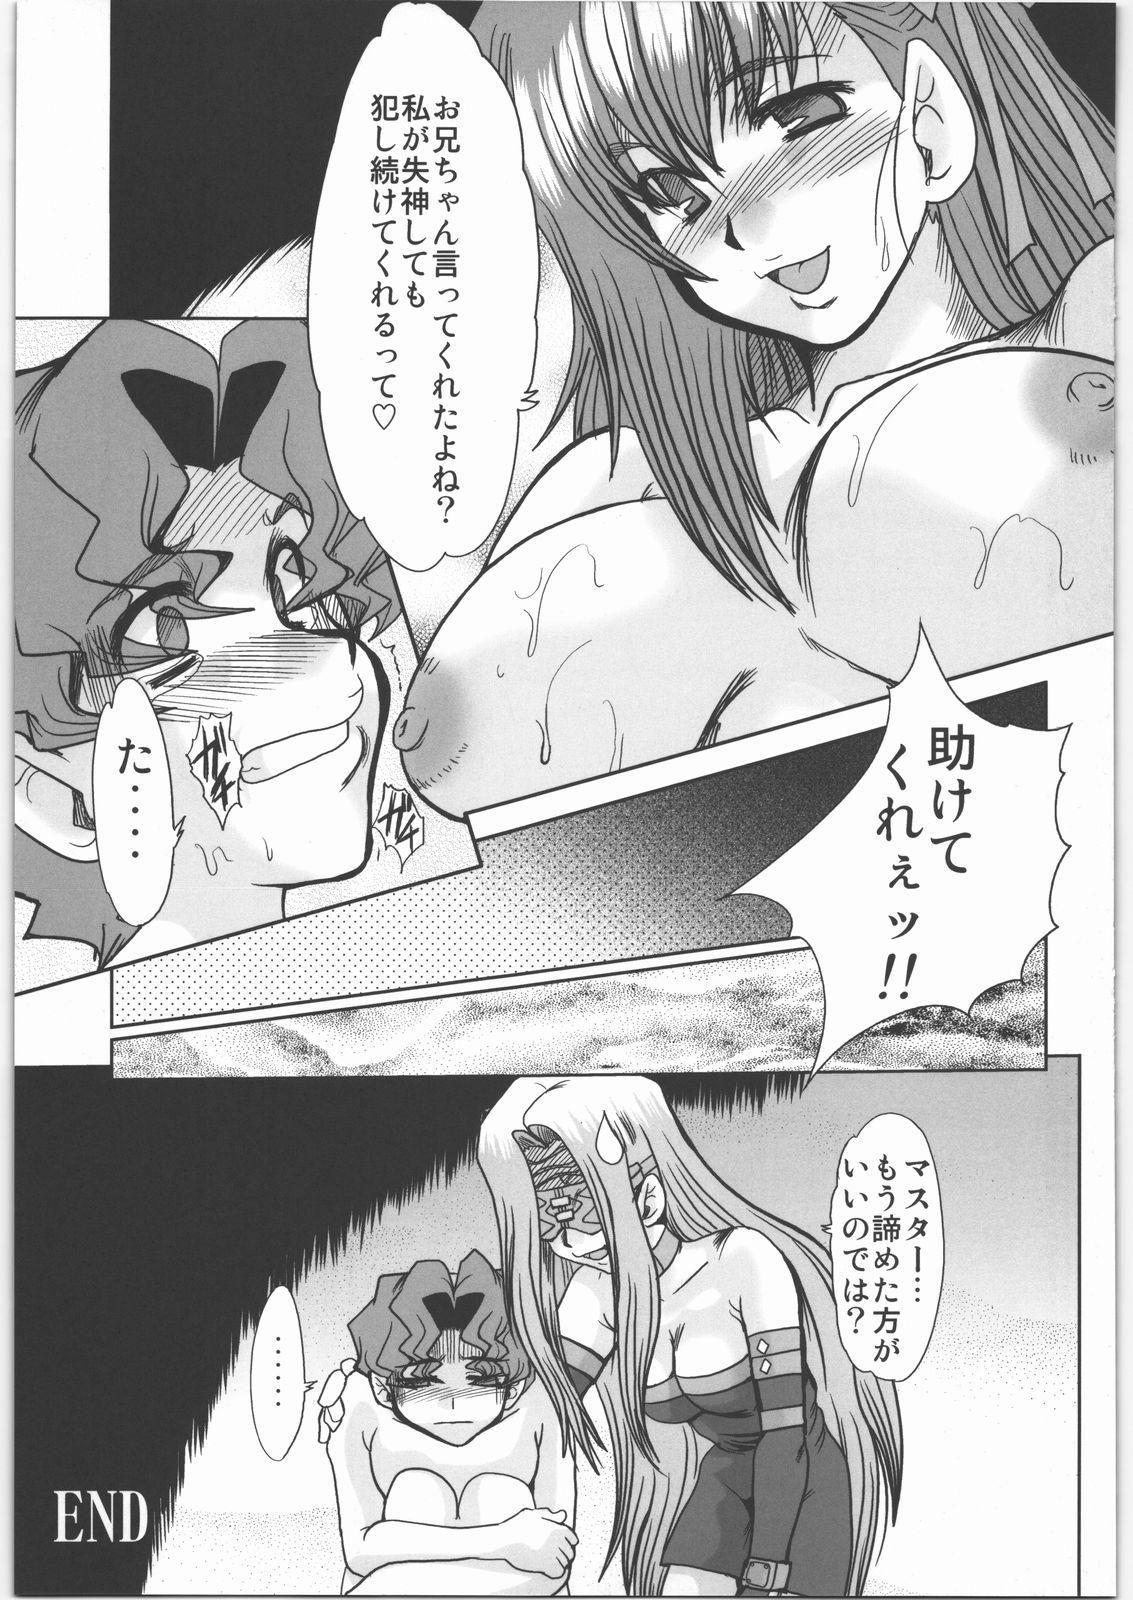 (C70 [Parupunte (Fukada Takushi)] Majutsushi Shimai Ryoujoku ~Sakura no shou~ (Fate/stay night) 35